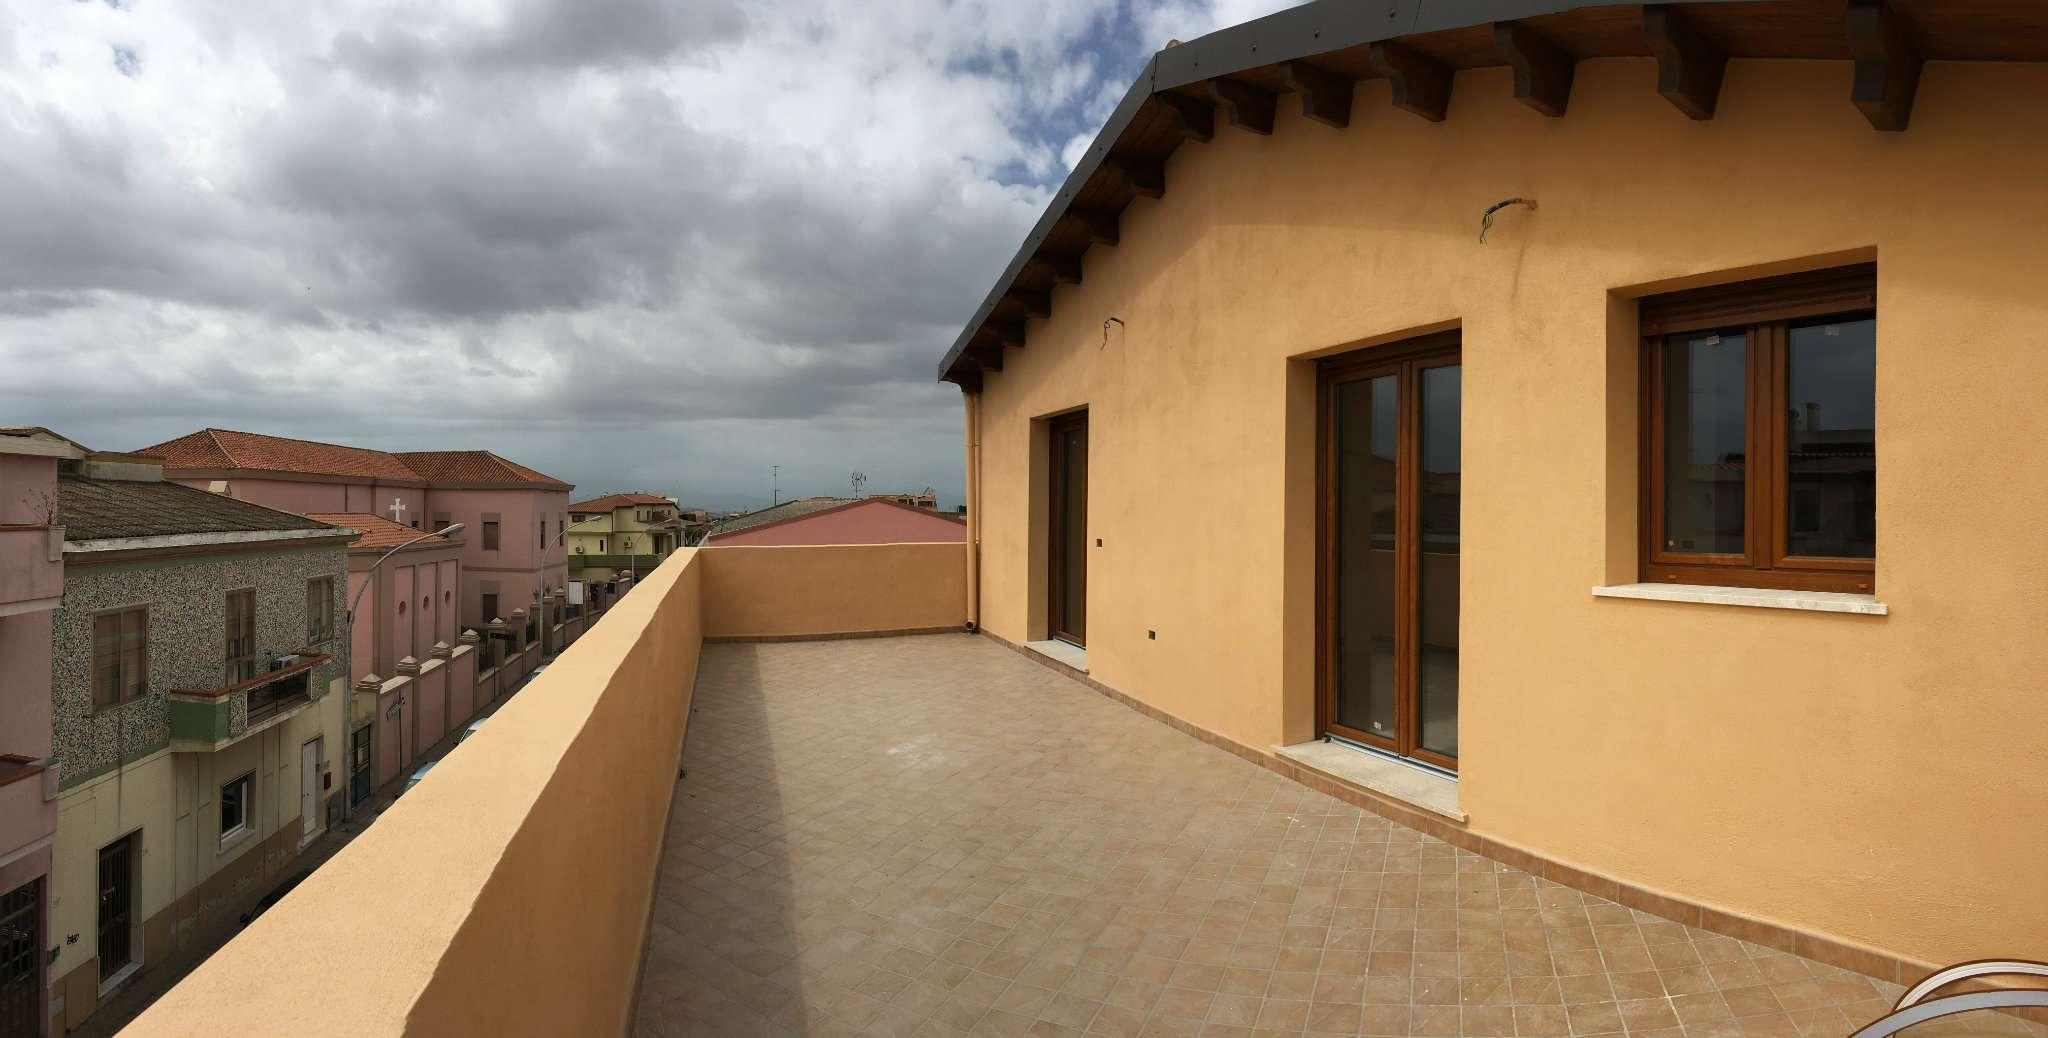 Appartamento in vendita a Sinnai, 4 locali, prezzo € 117.000   CambioCasa.it